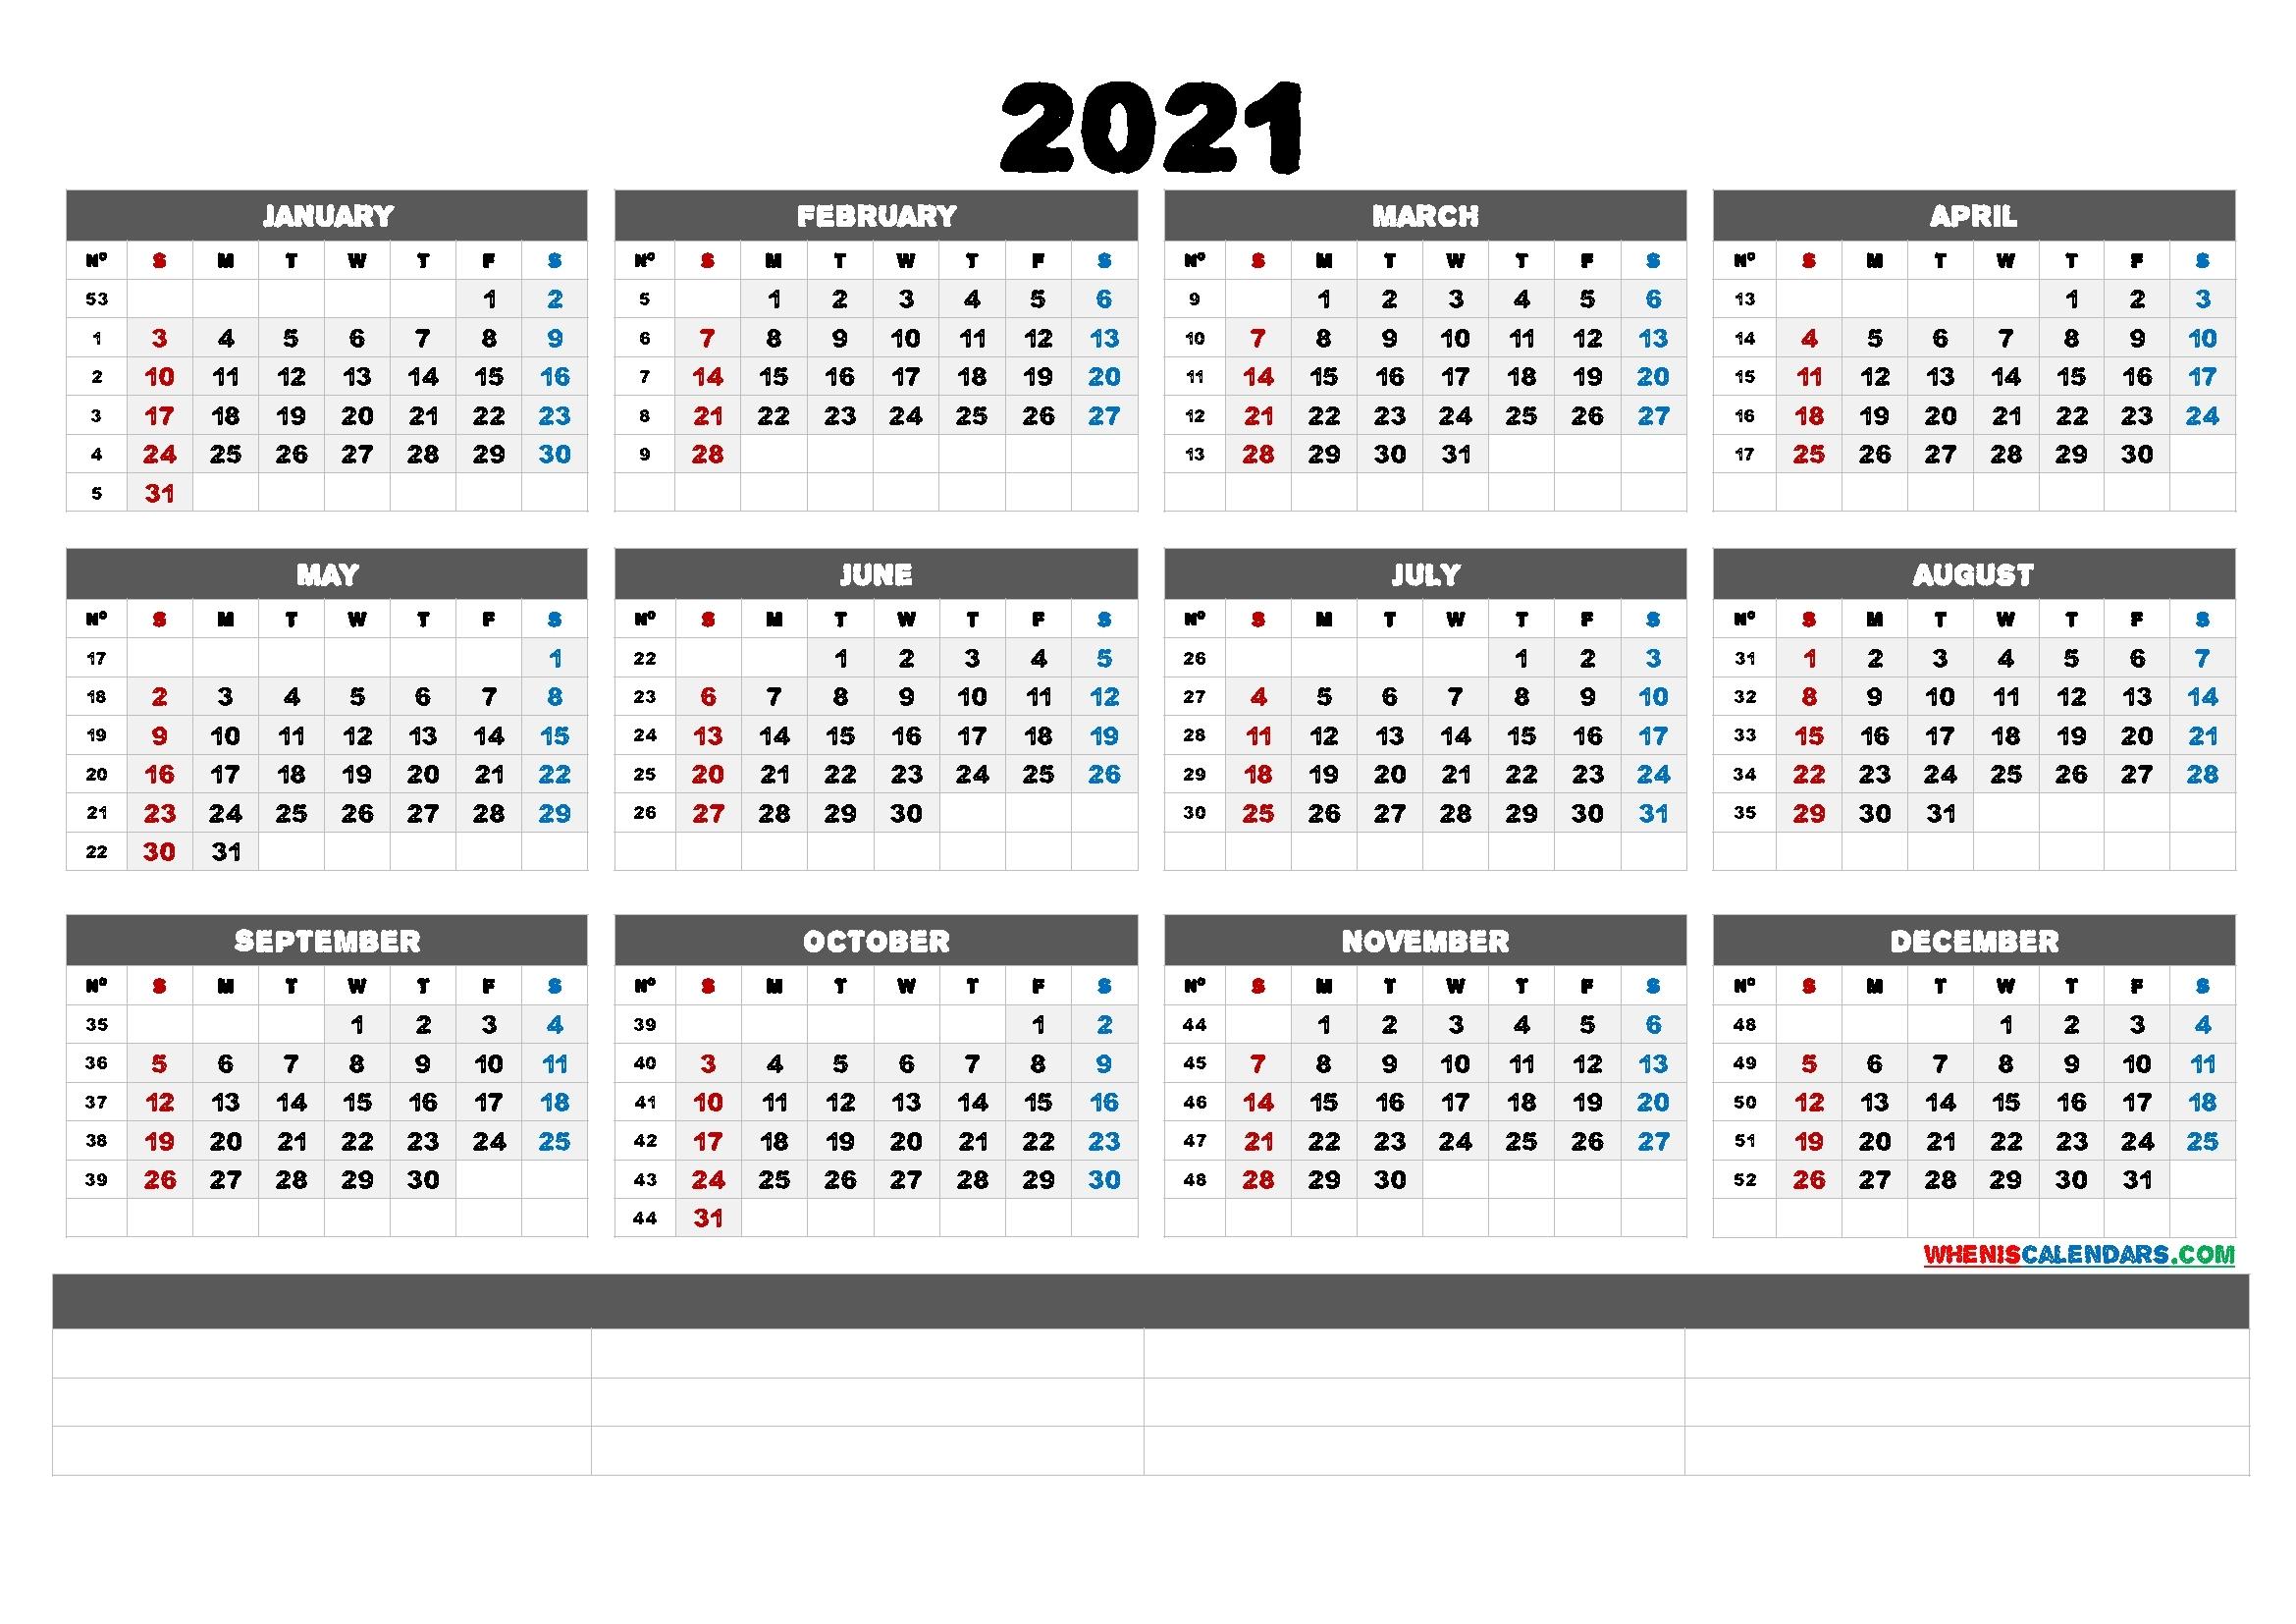 Free Editable 2021 Calendar With Holidays - 2021 Calendar